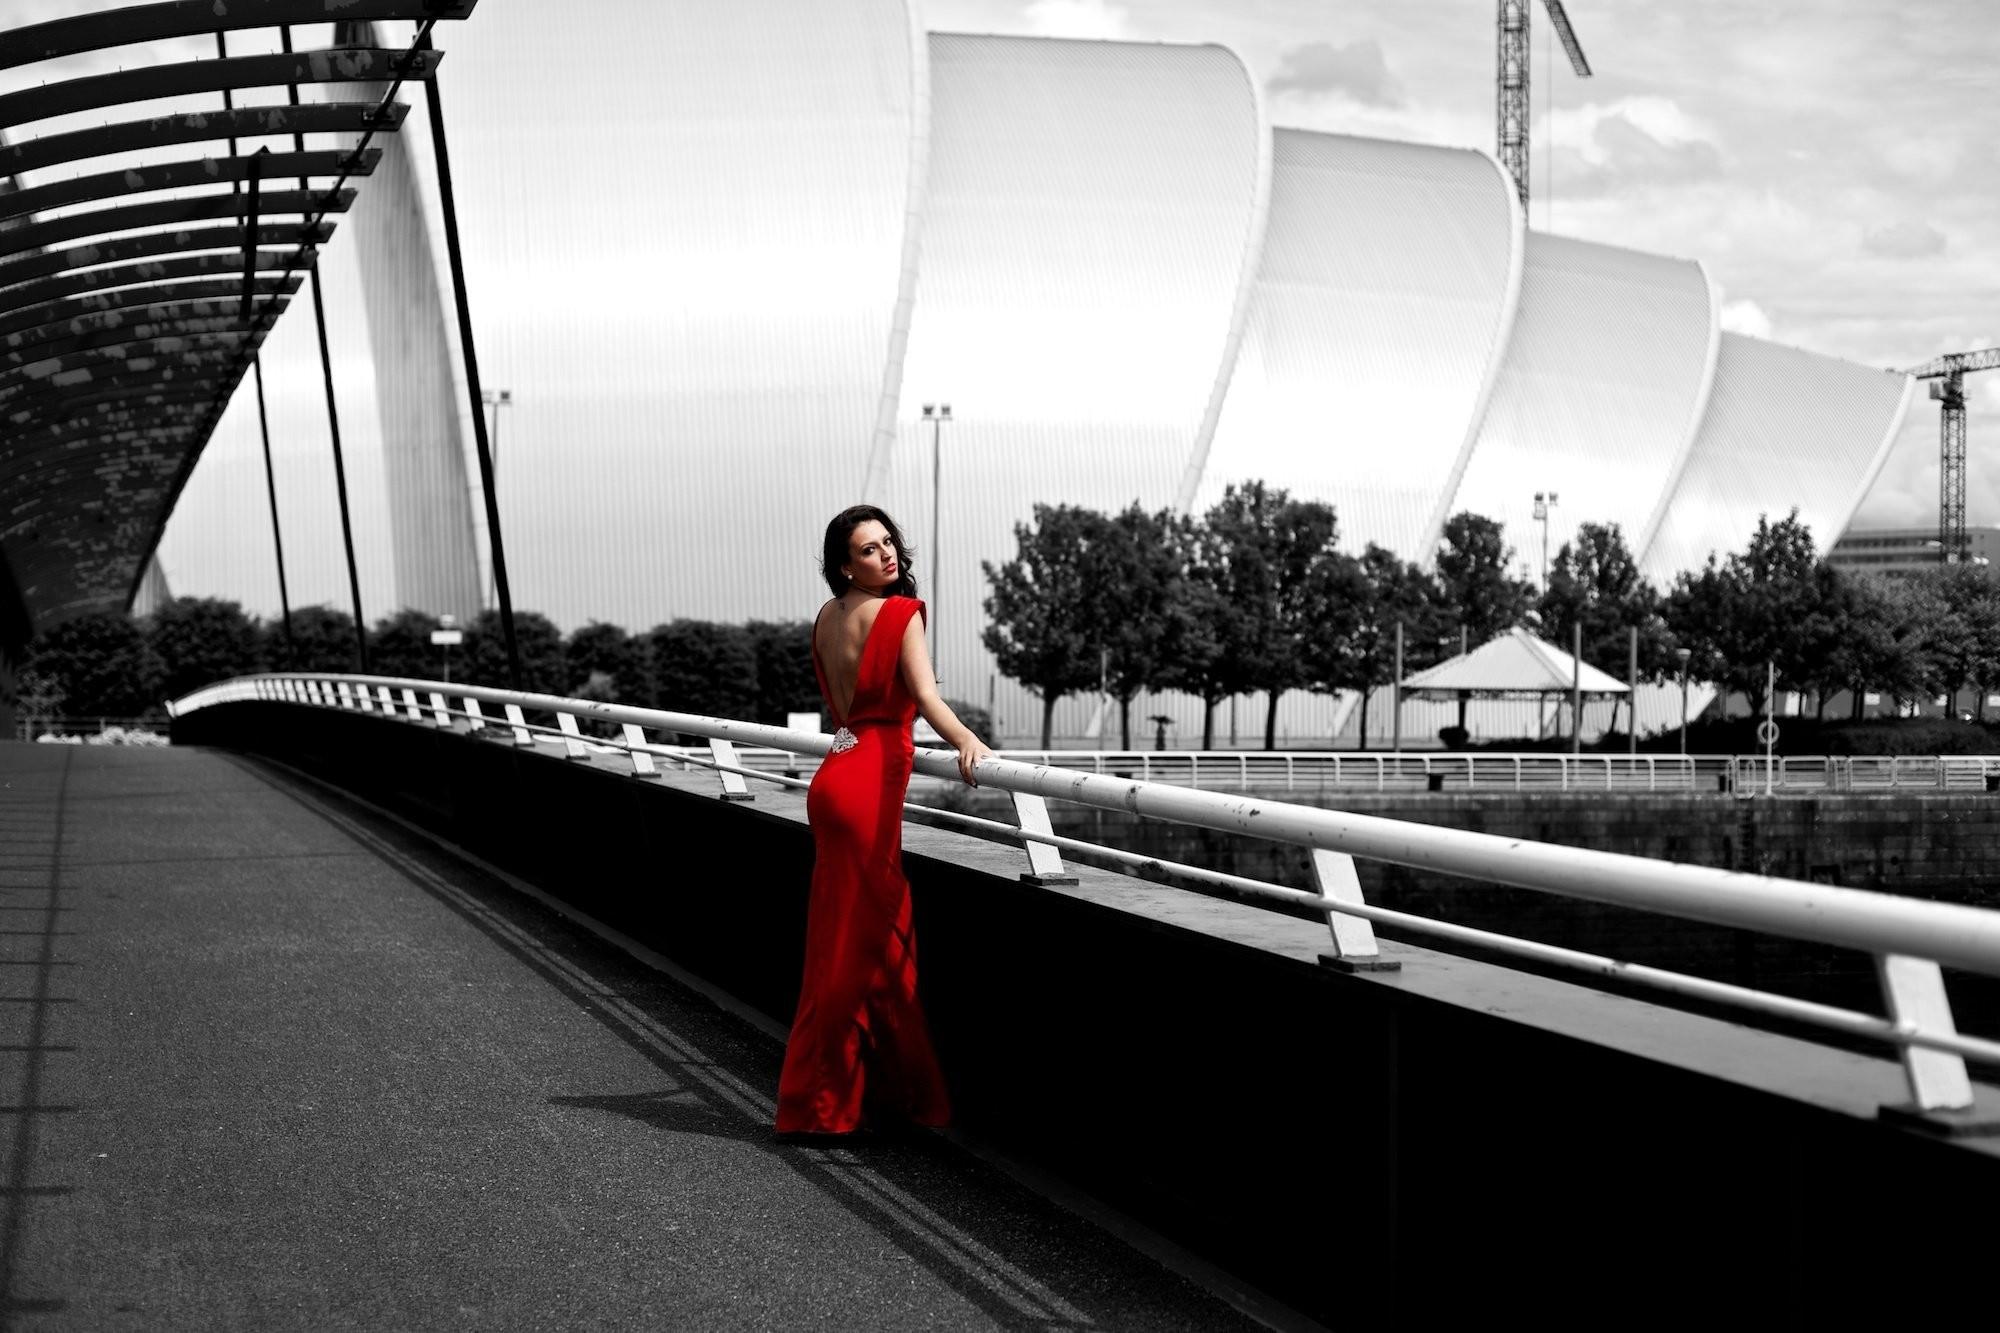 Girl brunette dress red black and white posture street wallpaper |  | 474988 | WallpaperUP